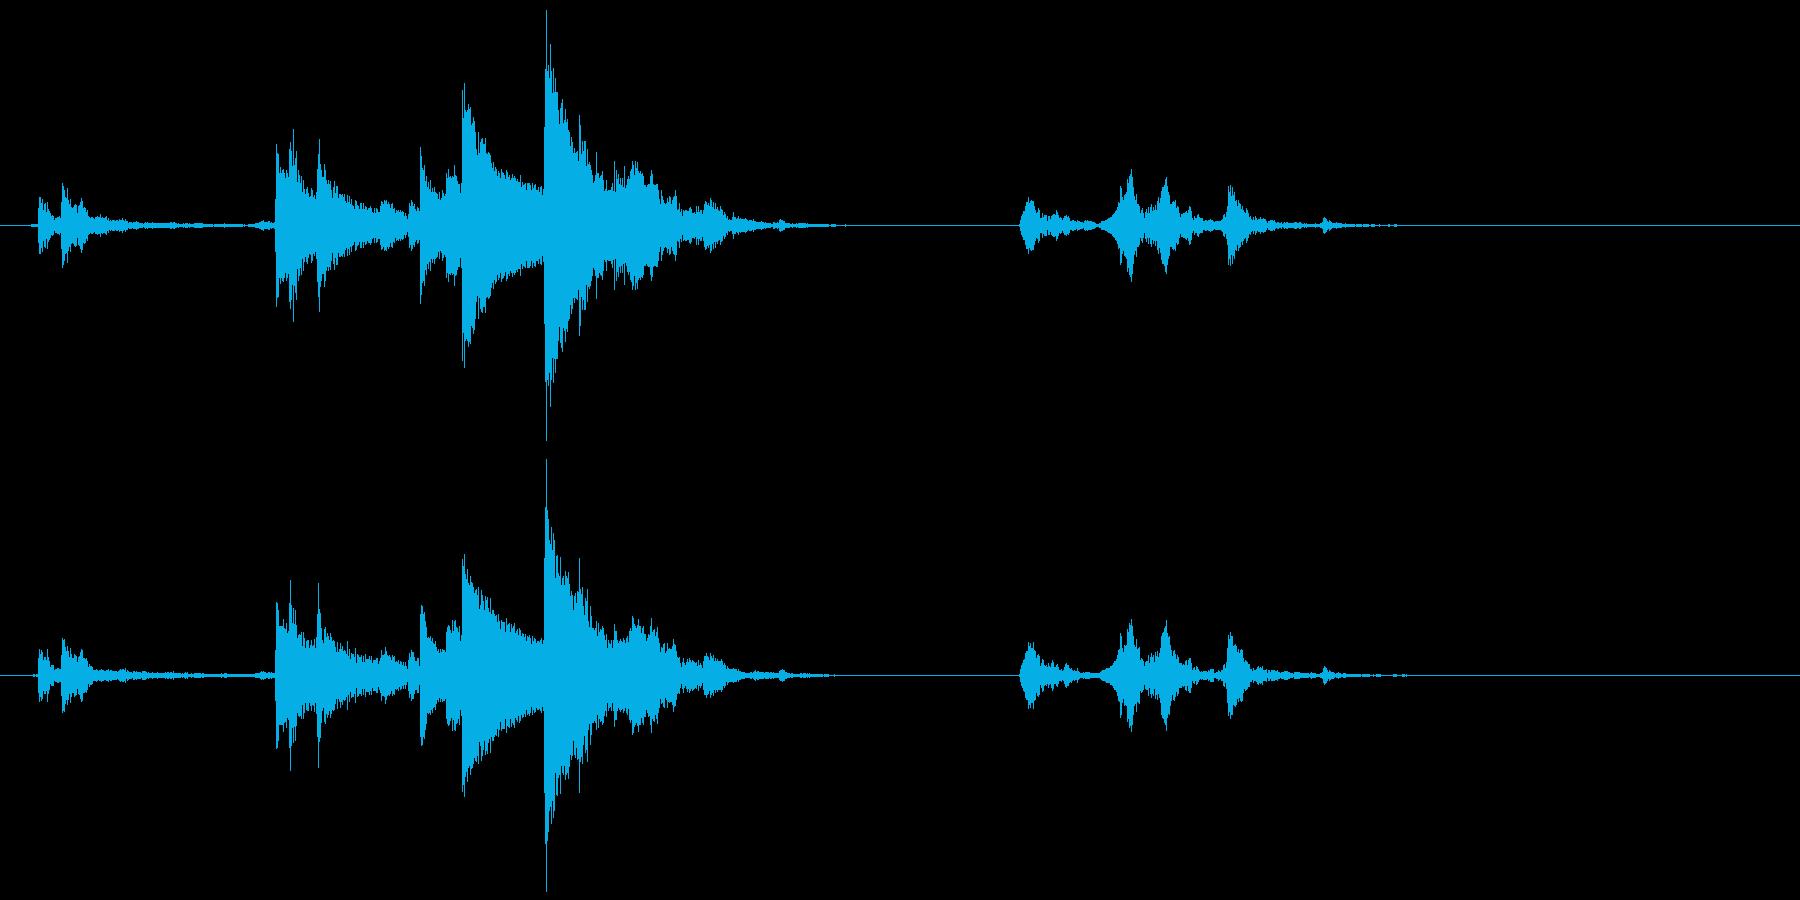 鈴の音 カランカラの再生済みの波形